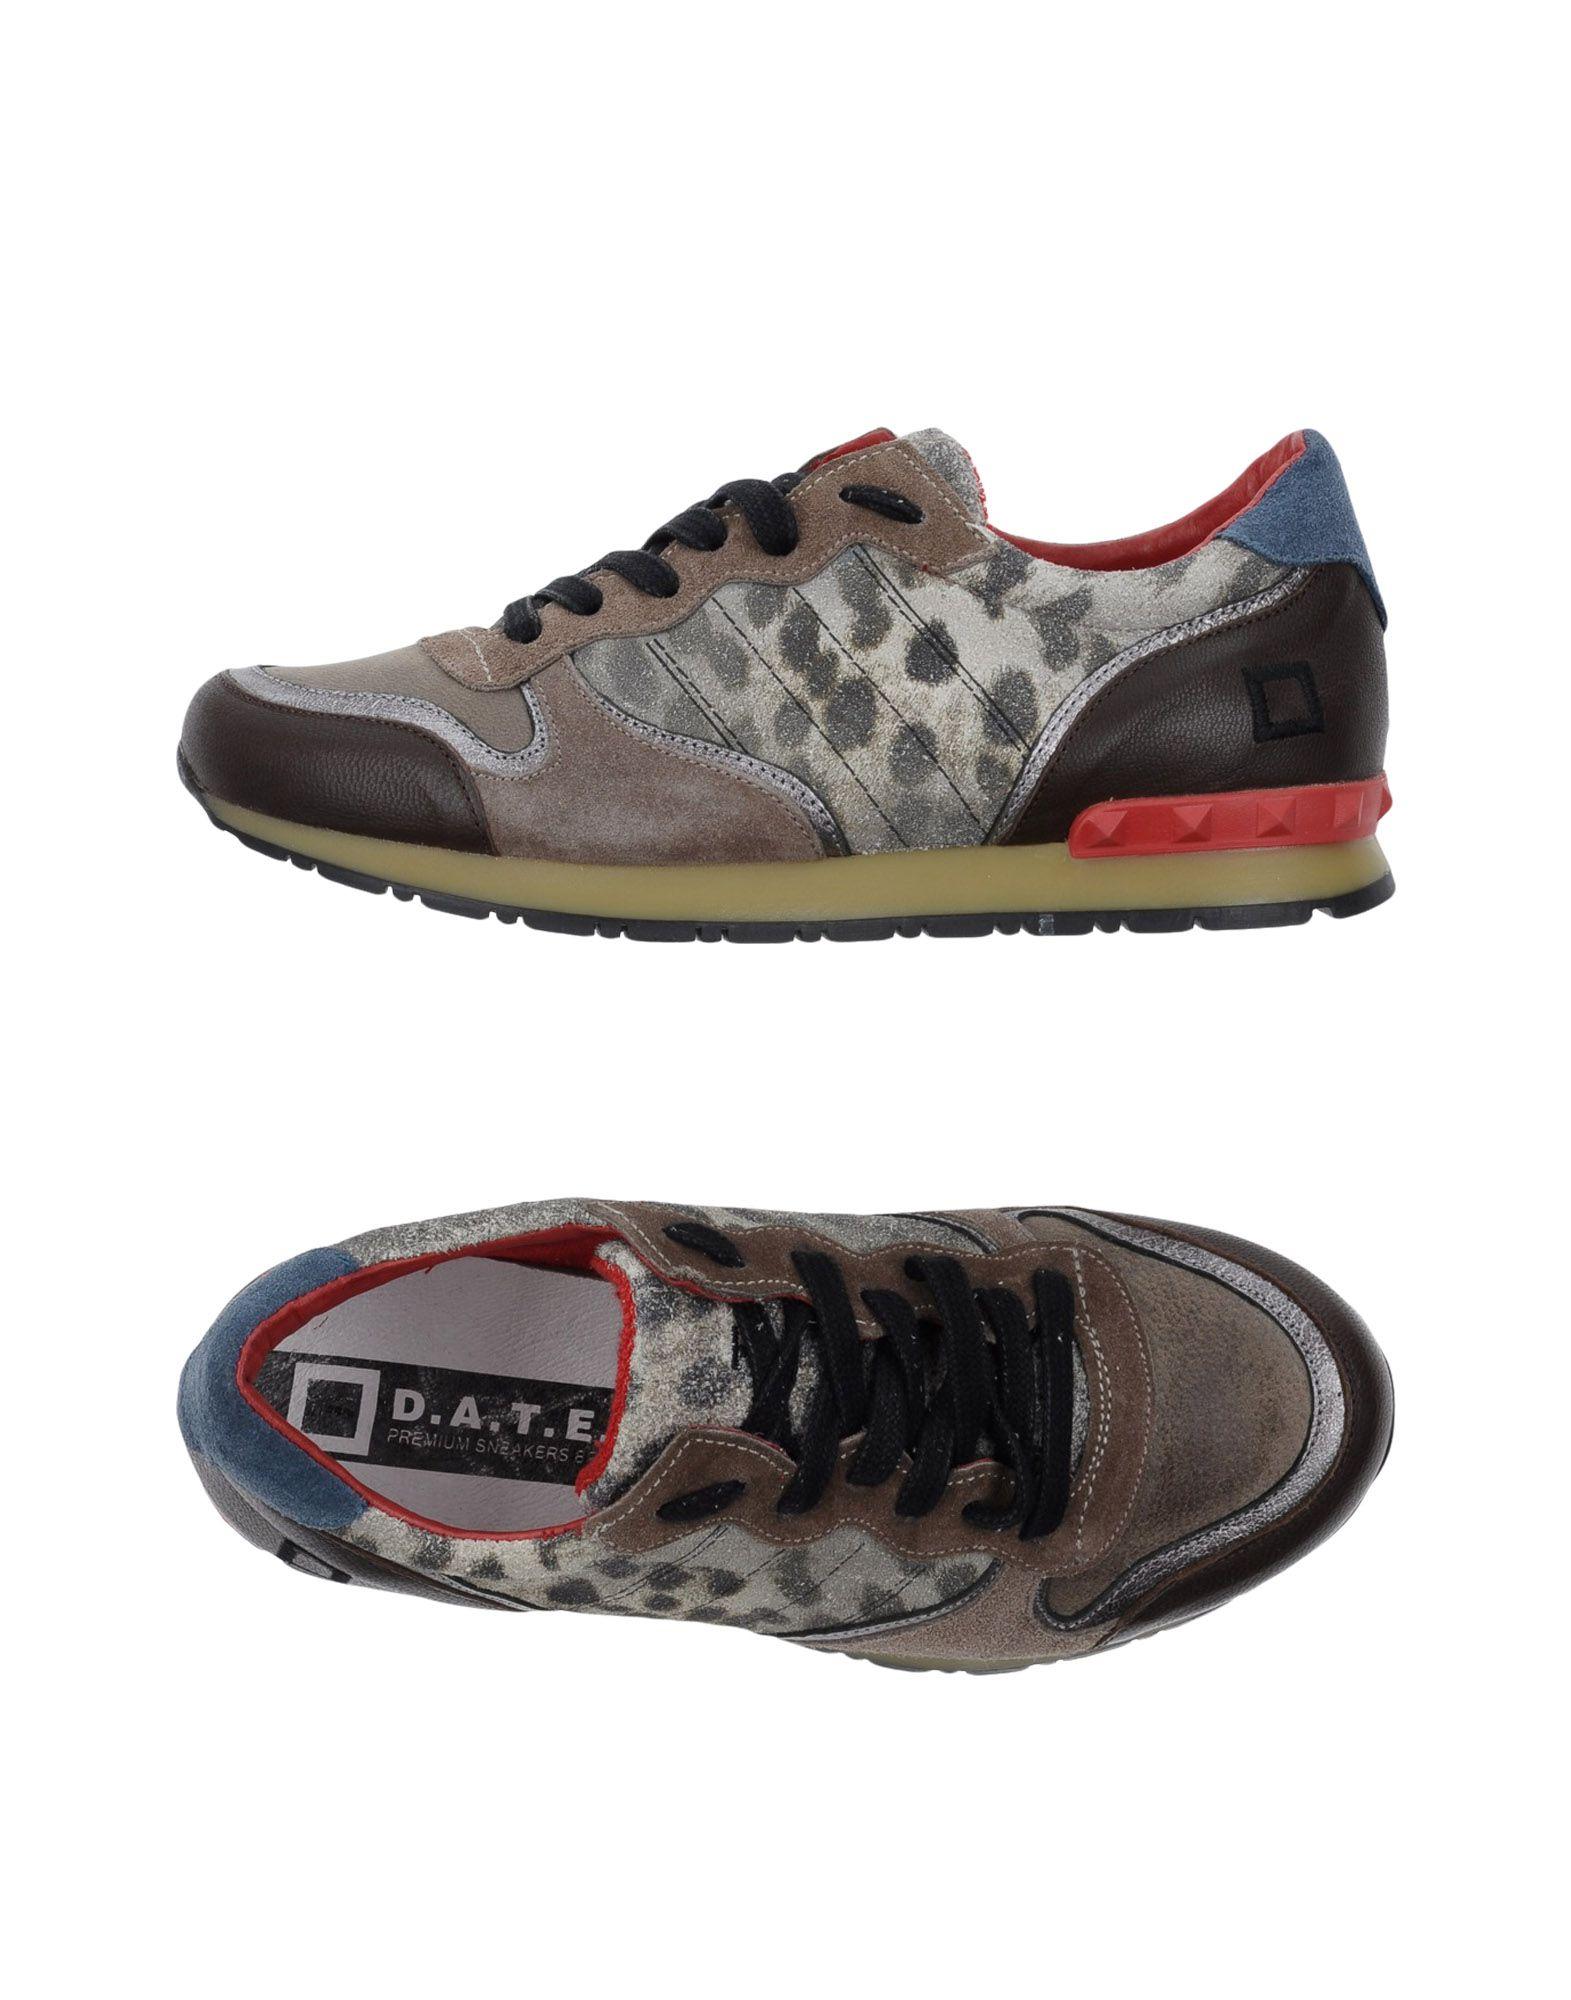 Moda - Sneakers D.A.T.E. Donna - Moda 11362226GX 8ed324